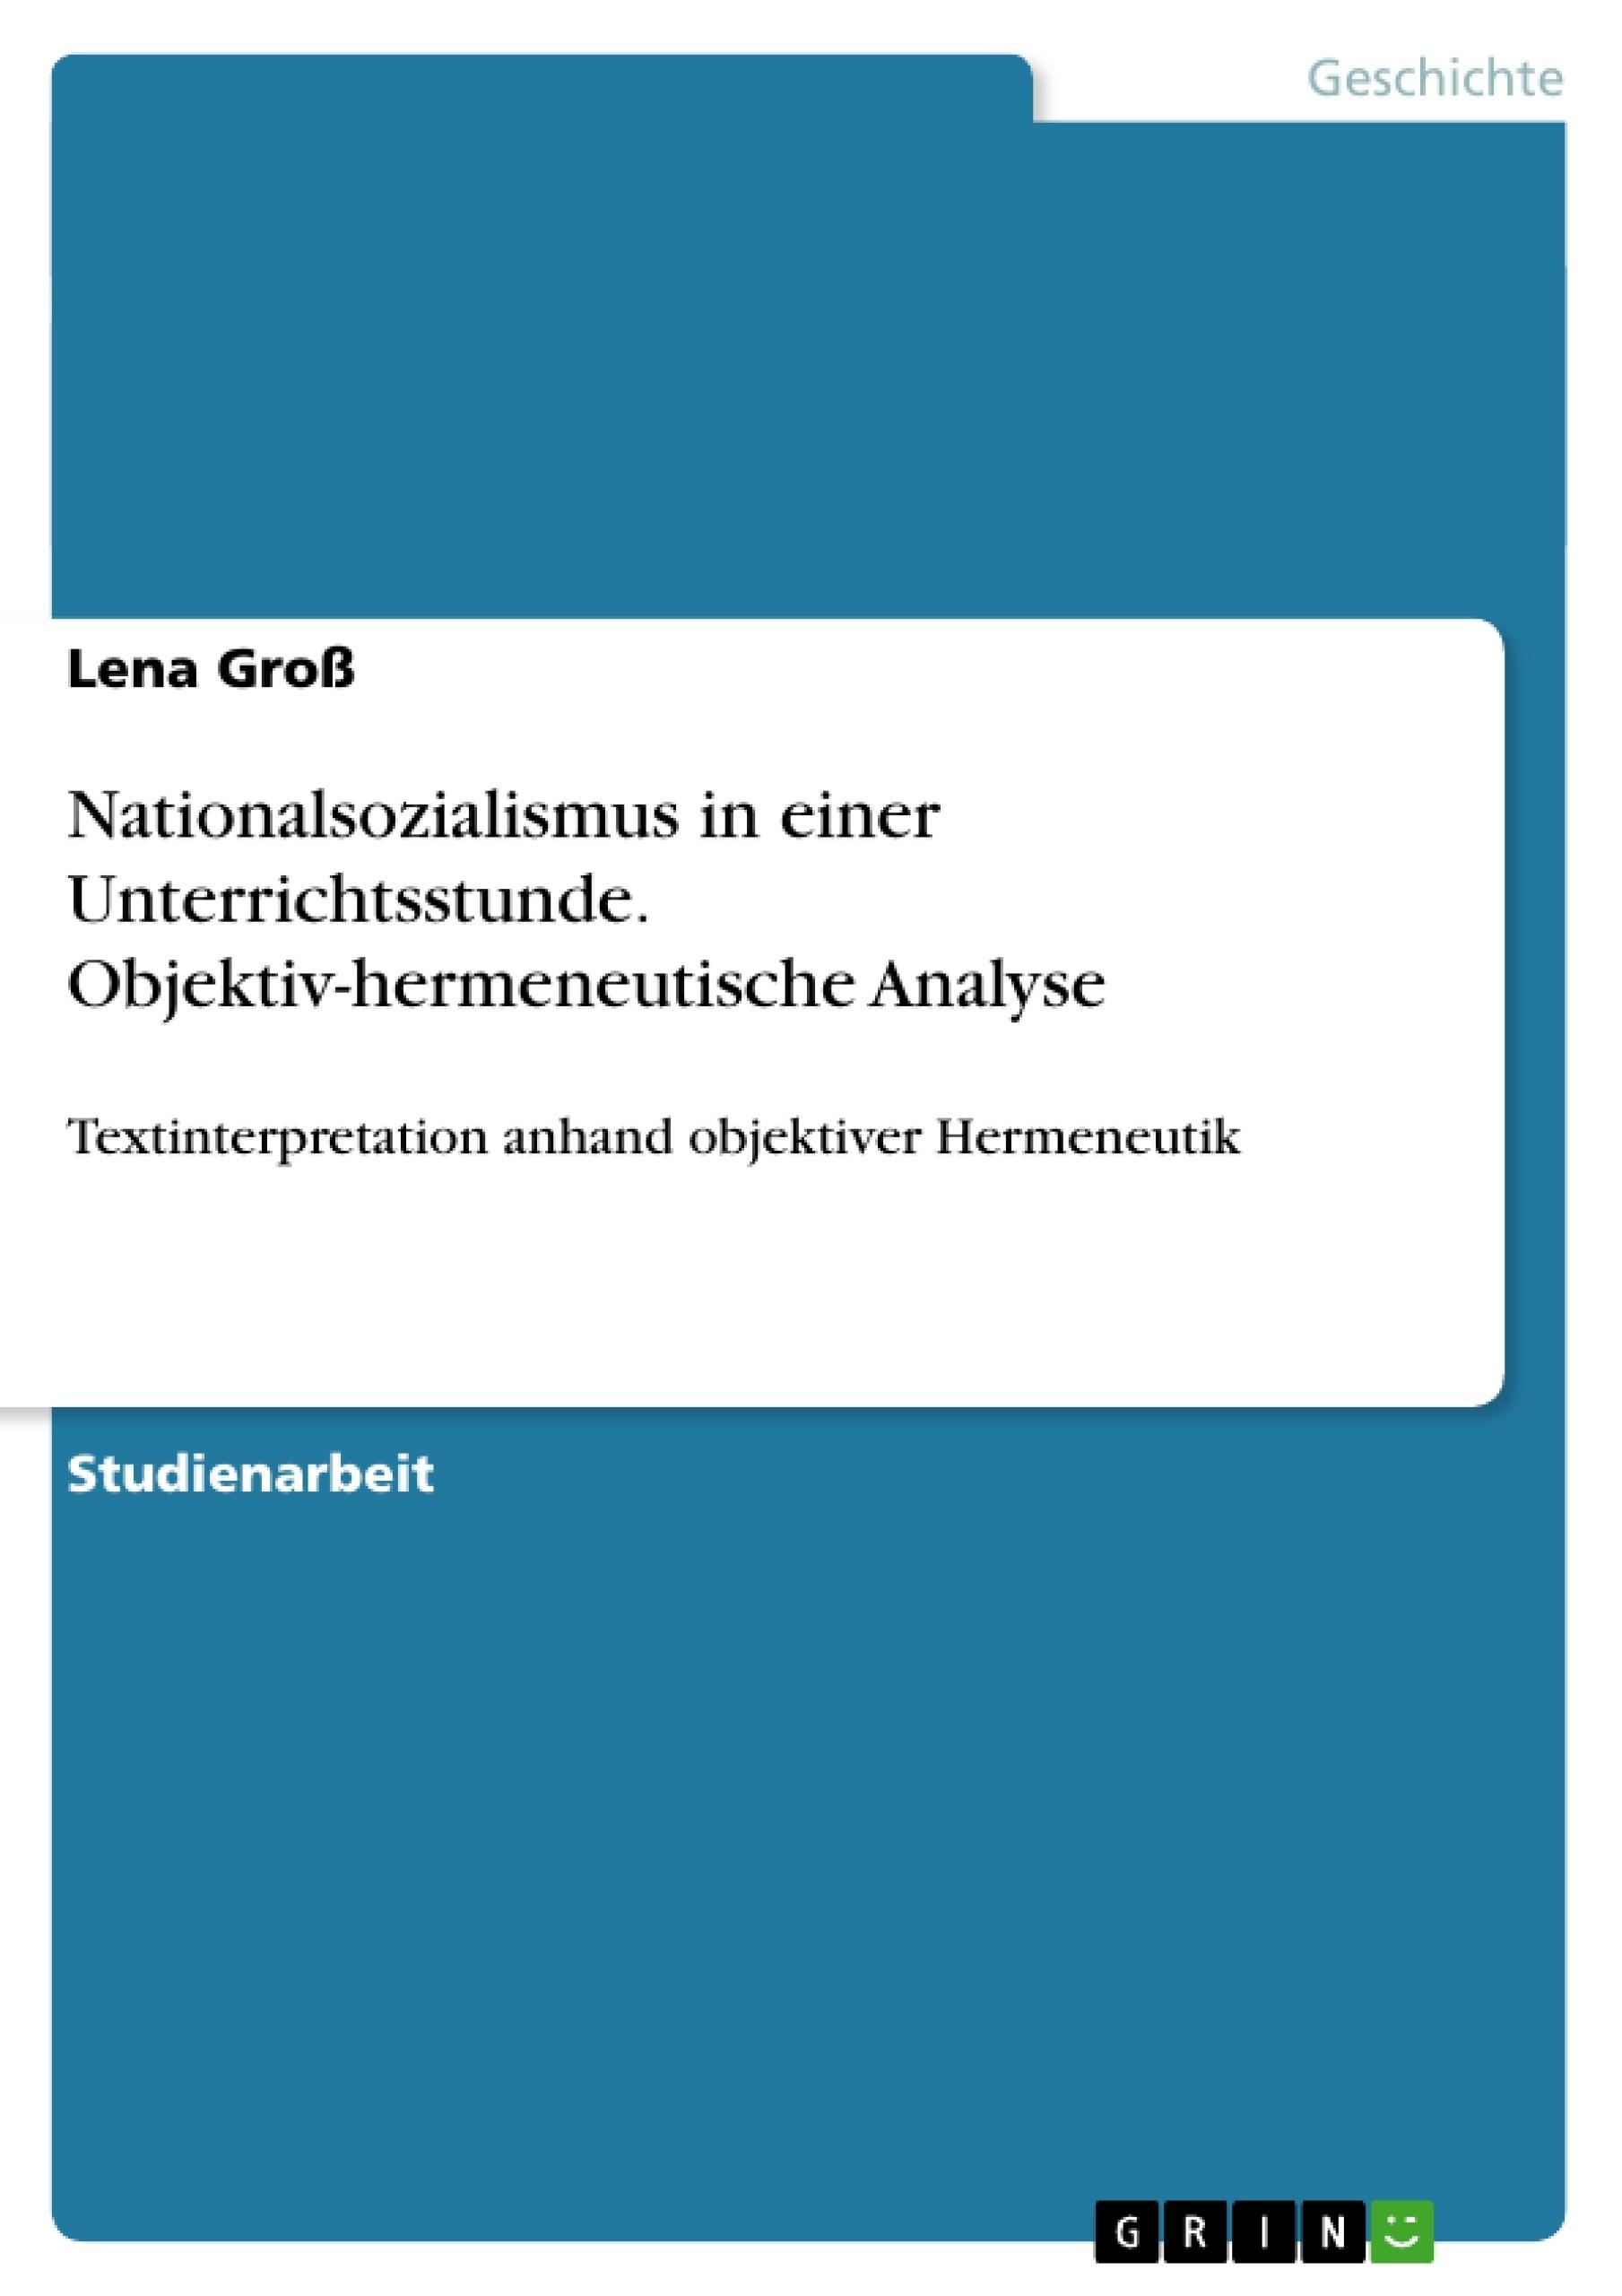 Titel: Nationalsozialismus in einer Unterrichtsstunde. Objektiv-hermeneutische Analyse